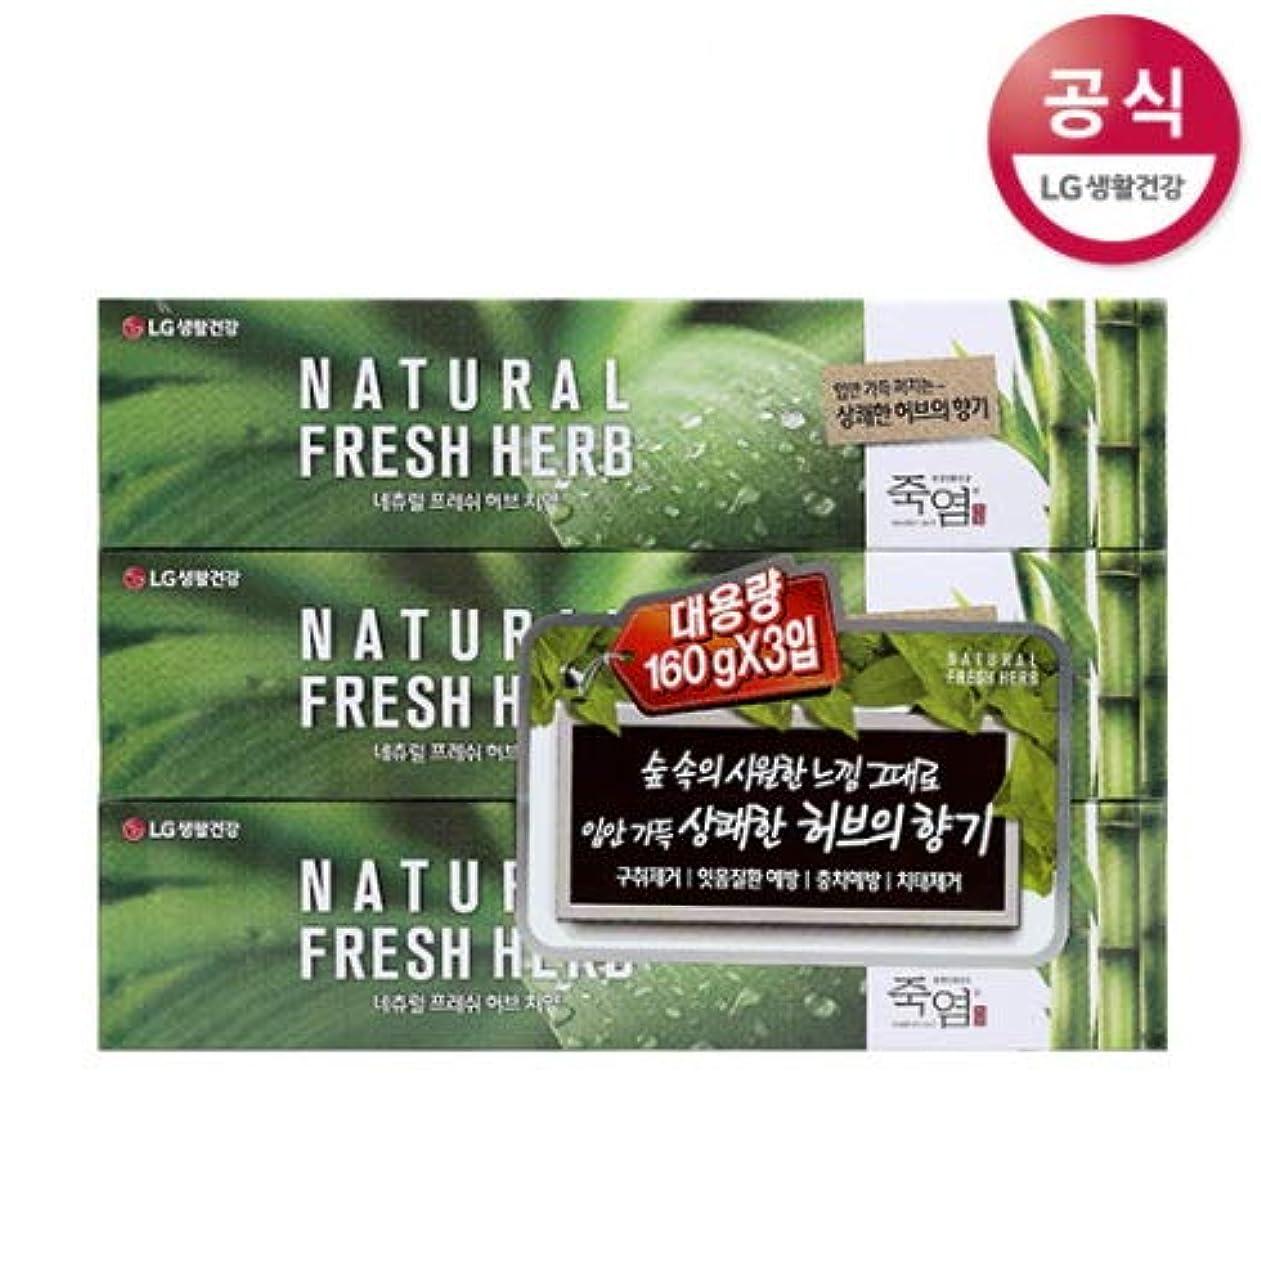 忘れる以来合意[LG HnB] Bamboo Salt Natural Fresh Herbal Toothpaste/竹塩ナチュラルフレッシュハーブ歯磨き粉 160gx3個(海外直送品)